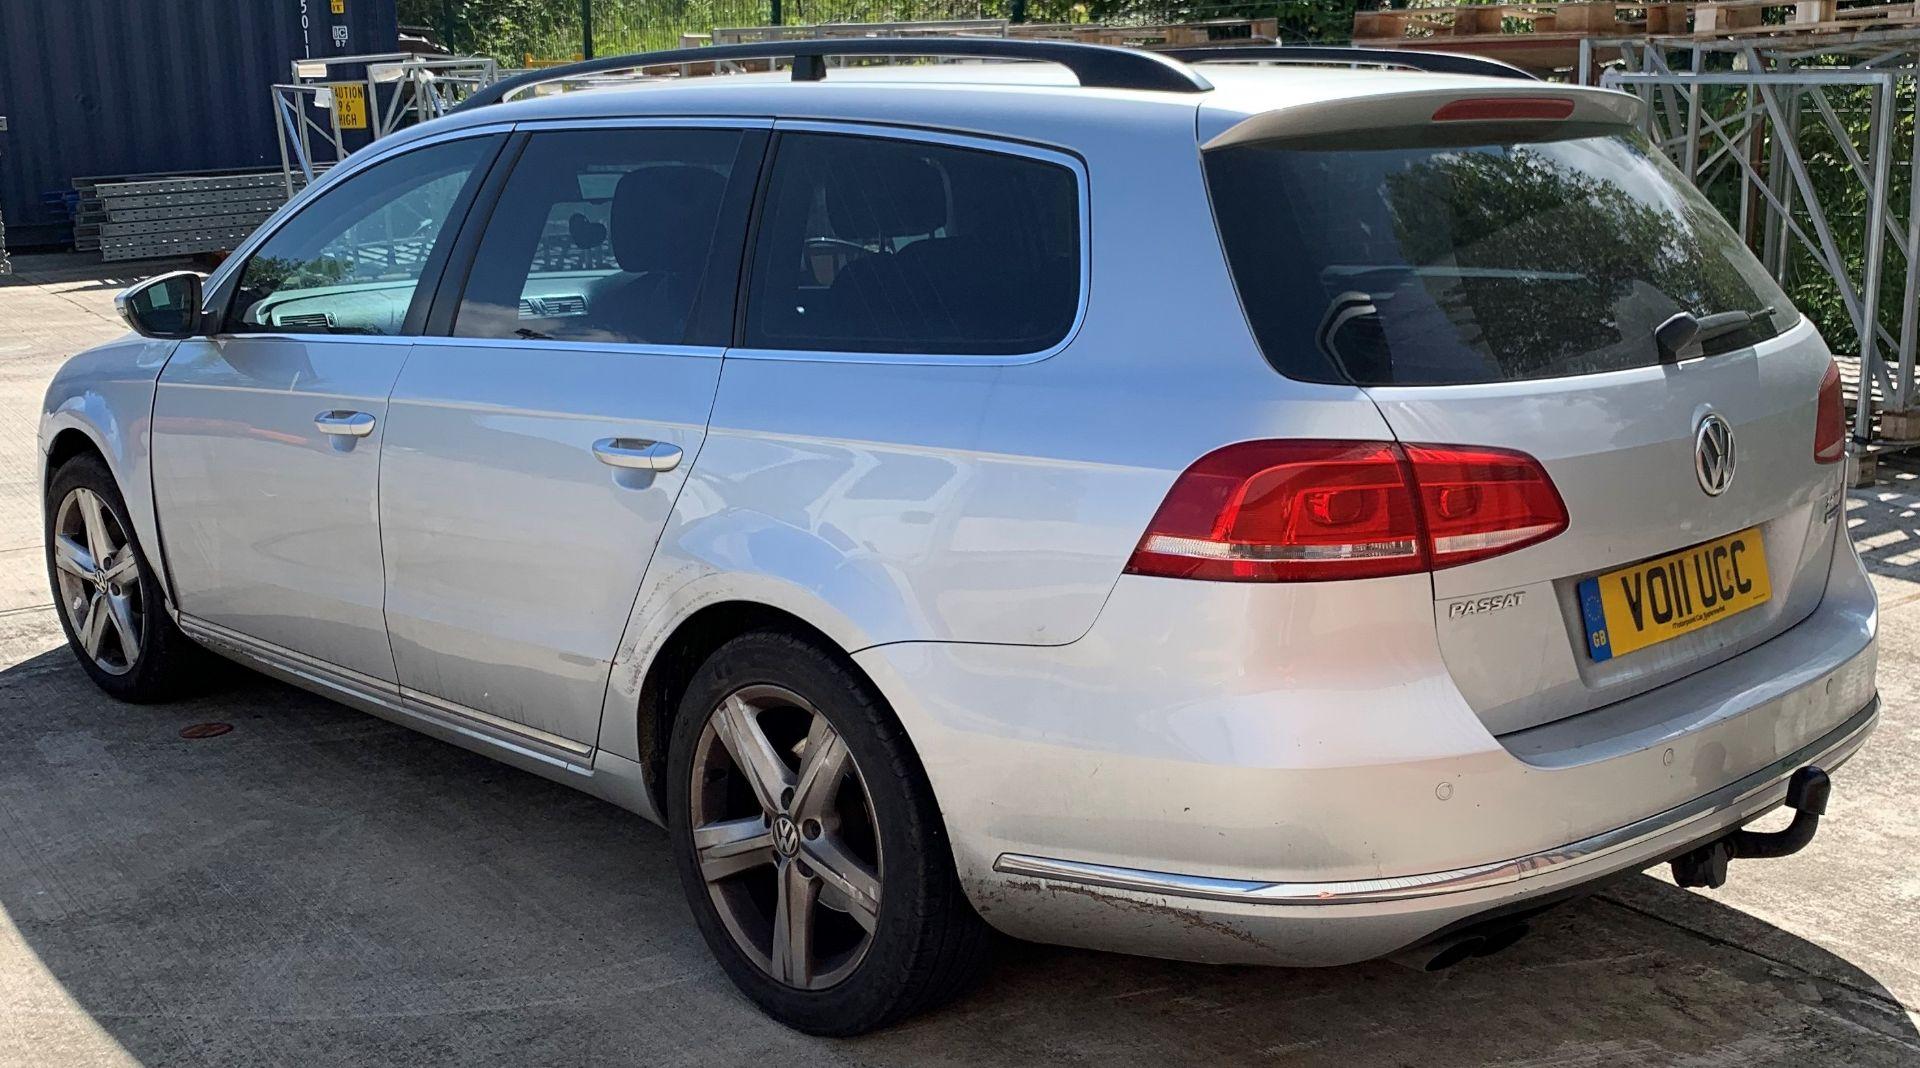 Lot 5 - VOLKSWAGEN PASSAT 2.0 SE BLUE MOTION TECH T - diesel - silver Reg. No: VO11 UCC Rec.